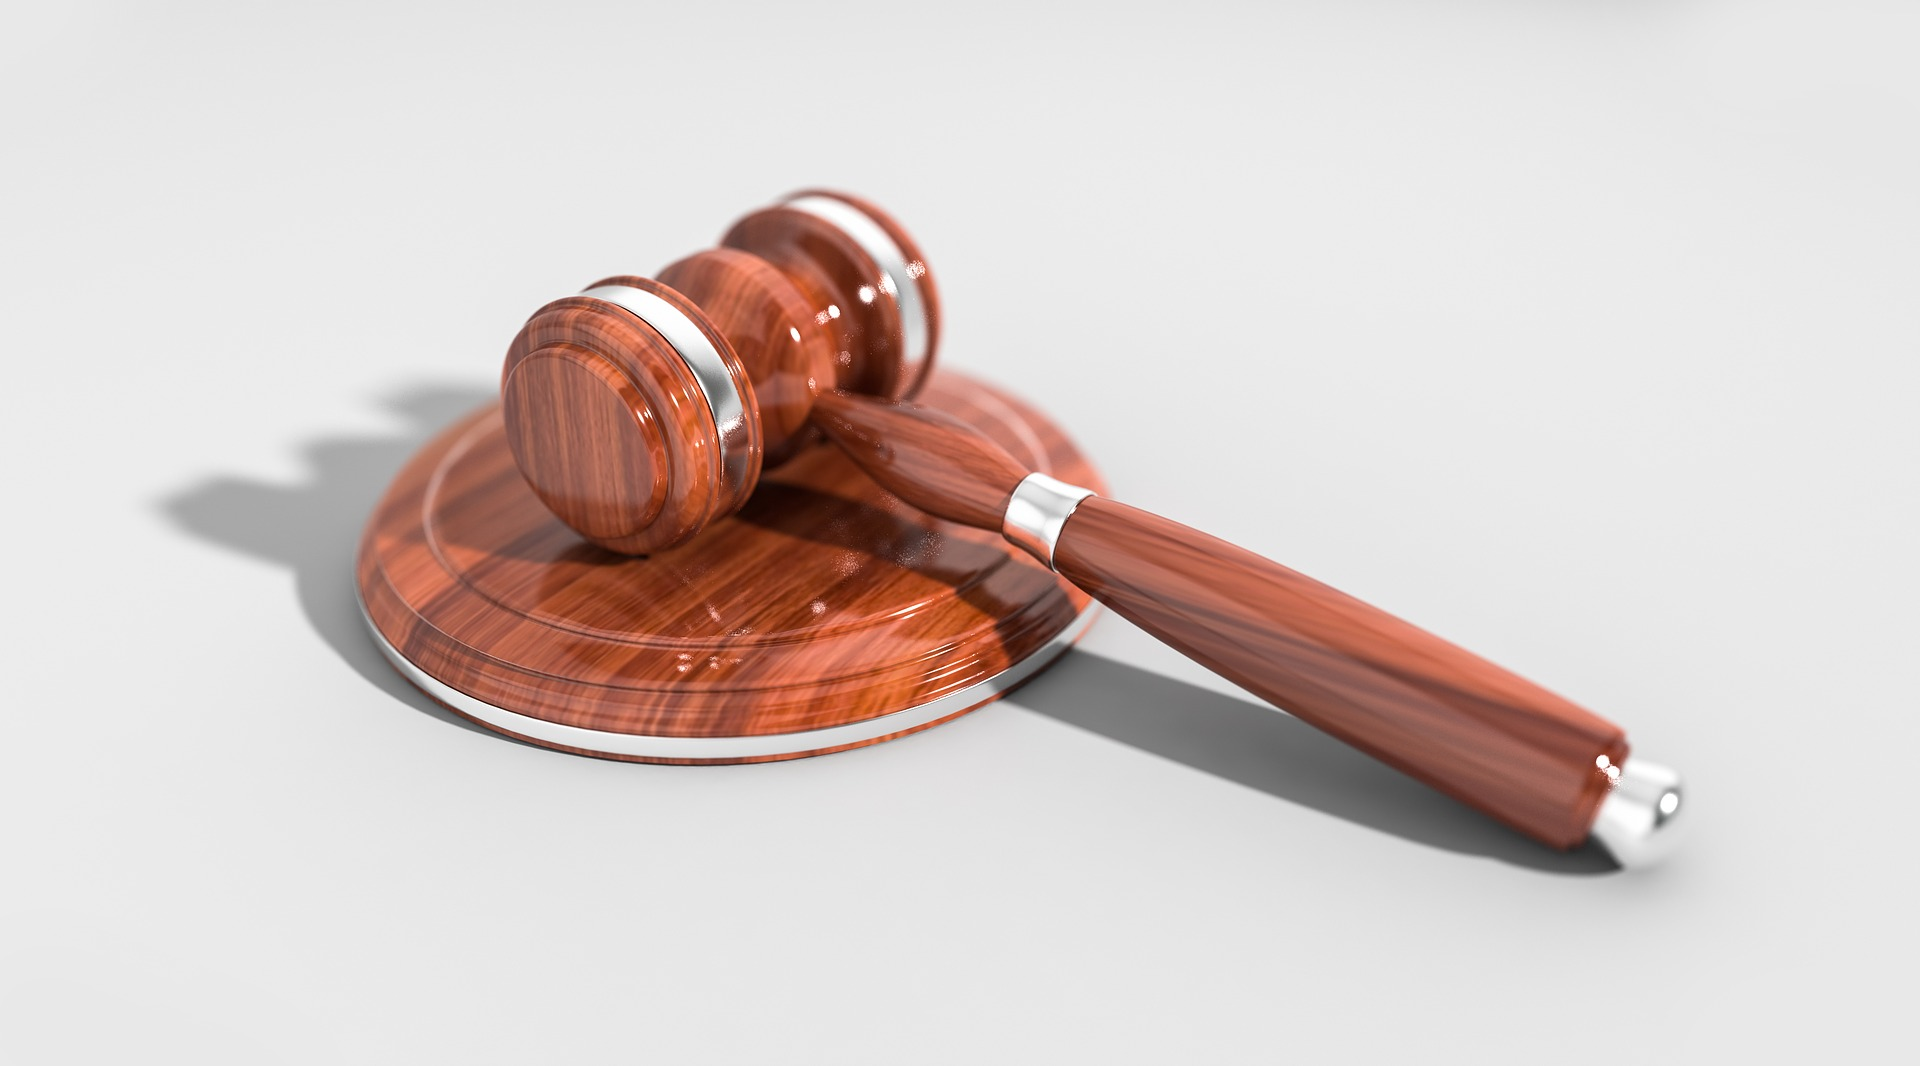 ¿Están los juzgados preparados para tratar con una víctima de pederastia?